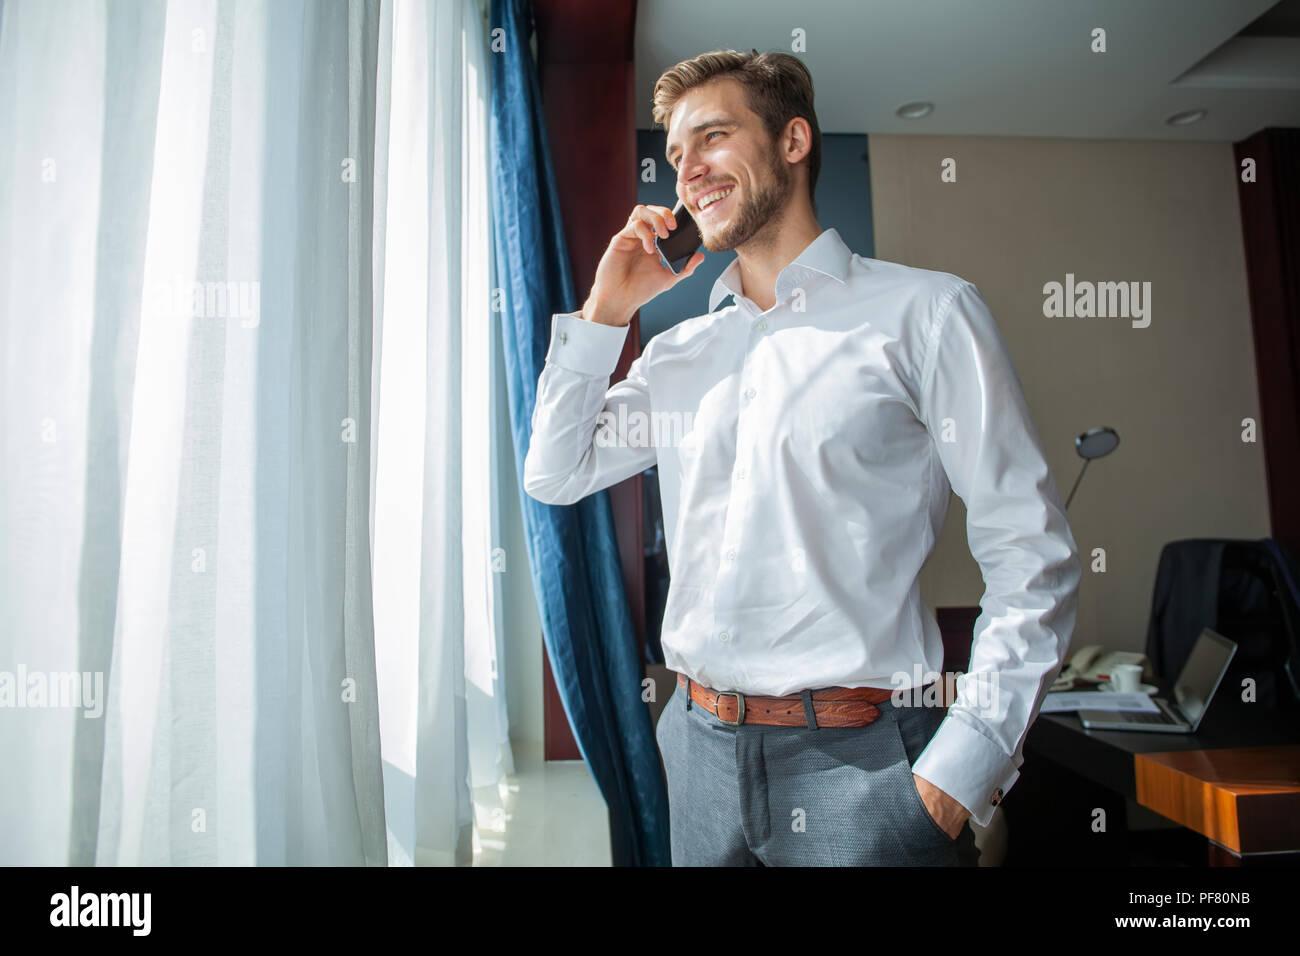 Caucasica adulto medio imprenditore parlando con un telefono mobile in camera in hotel durante il viaggio di affari. Immagini Stock